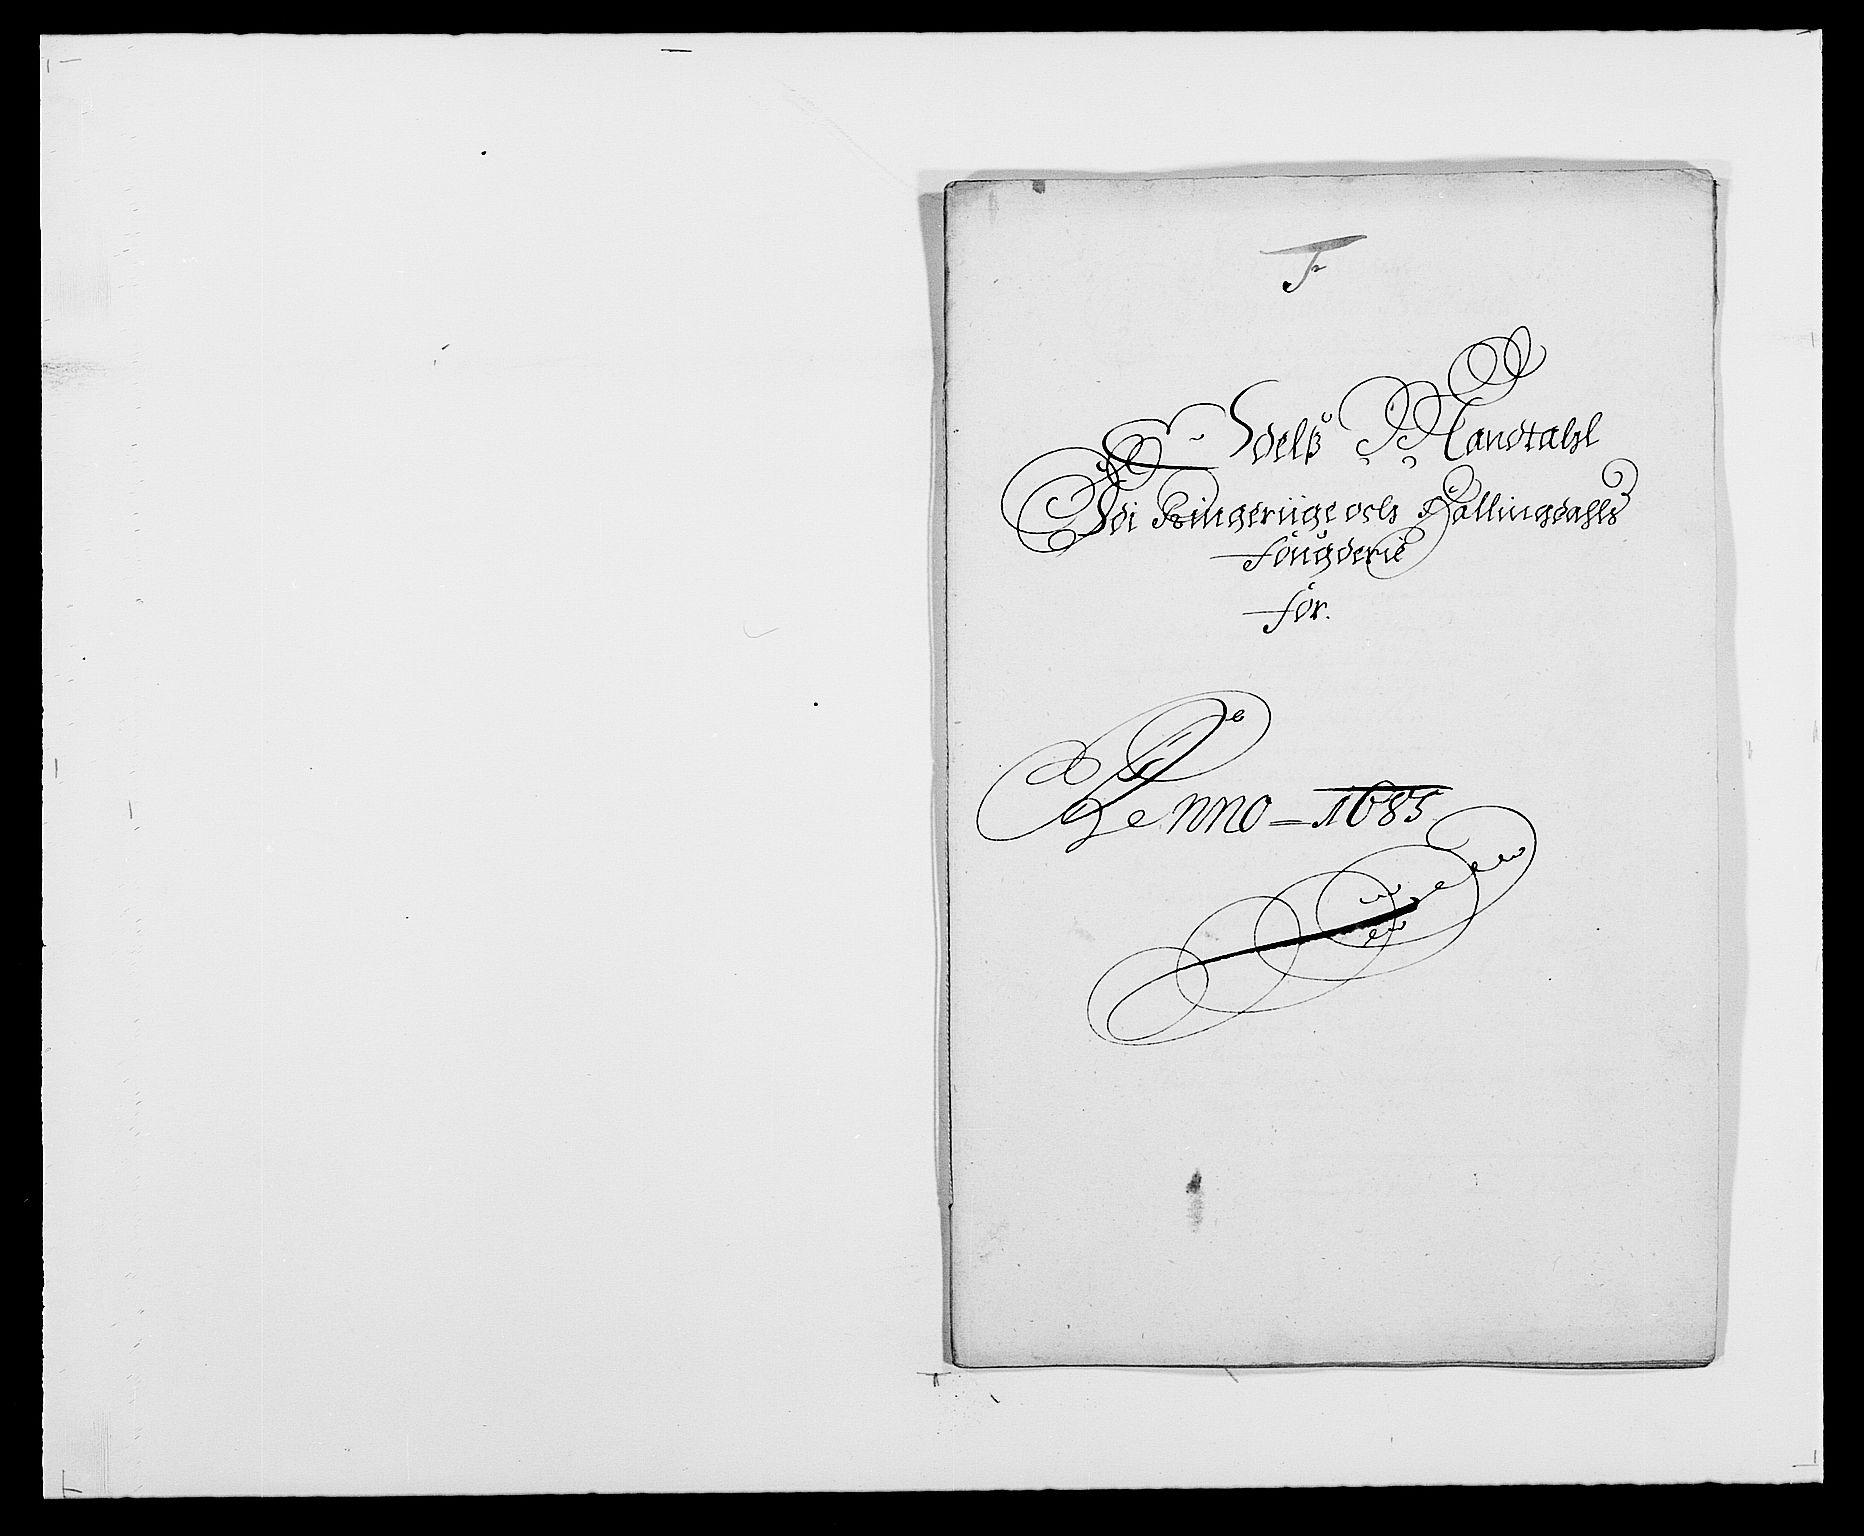 RA, Rentekammeret inntil 1814, Reviderte regnskaper, Fogderegnskap, R21/L1446: Fogderegnskap Ringerike og Hallingdal, 1683-1686, s. 336